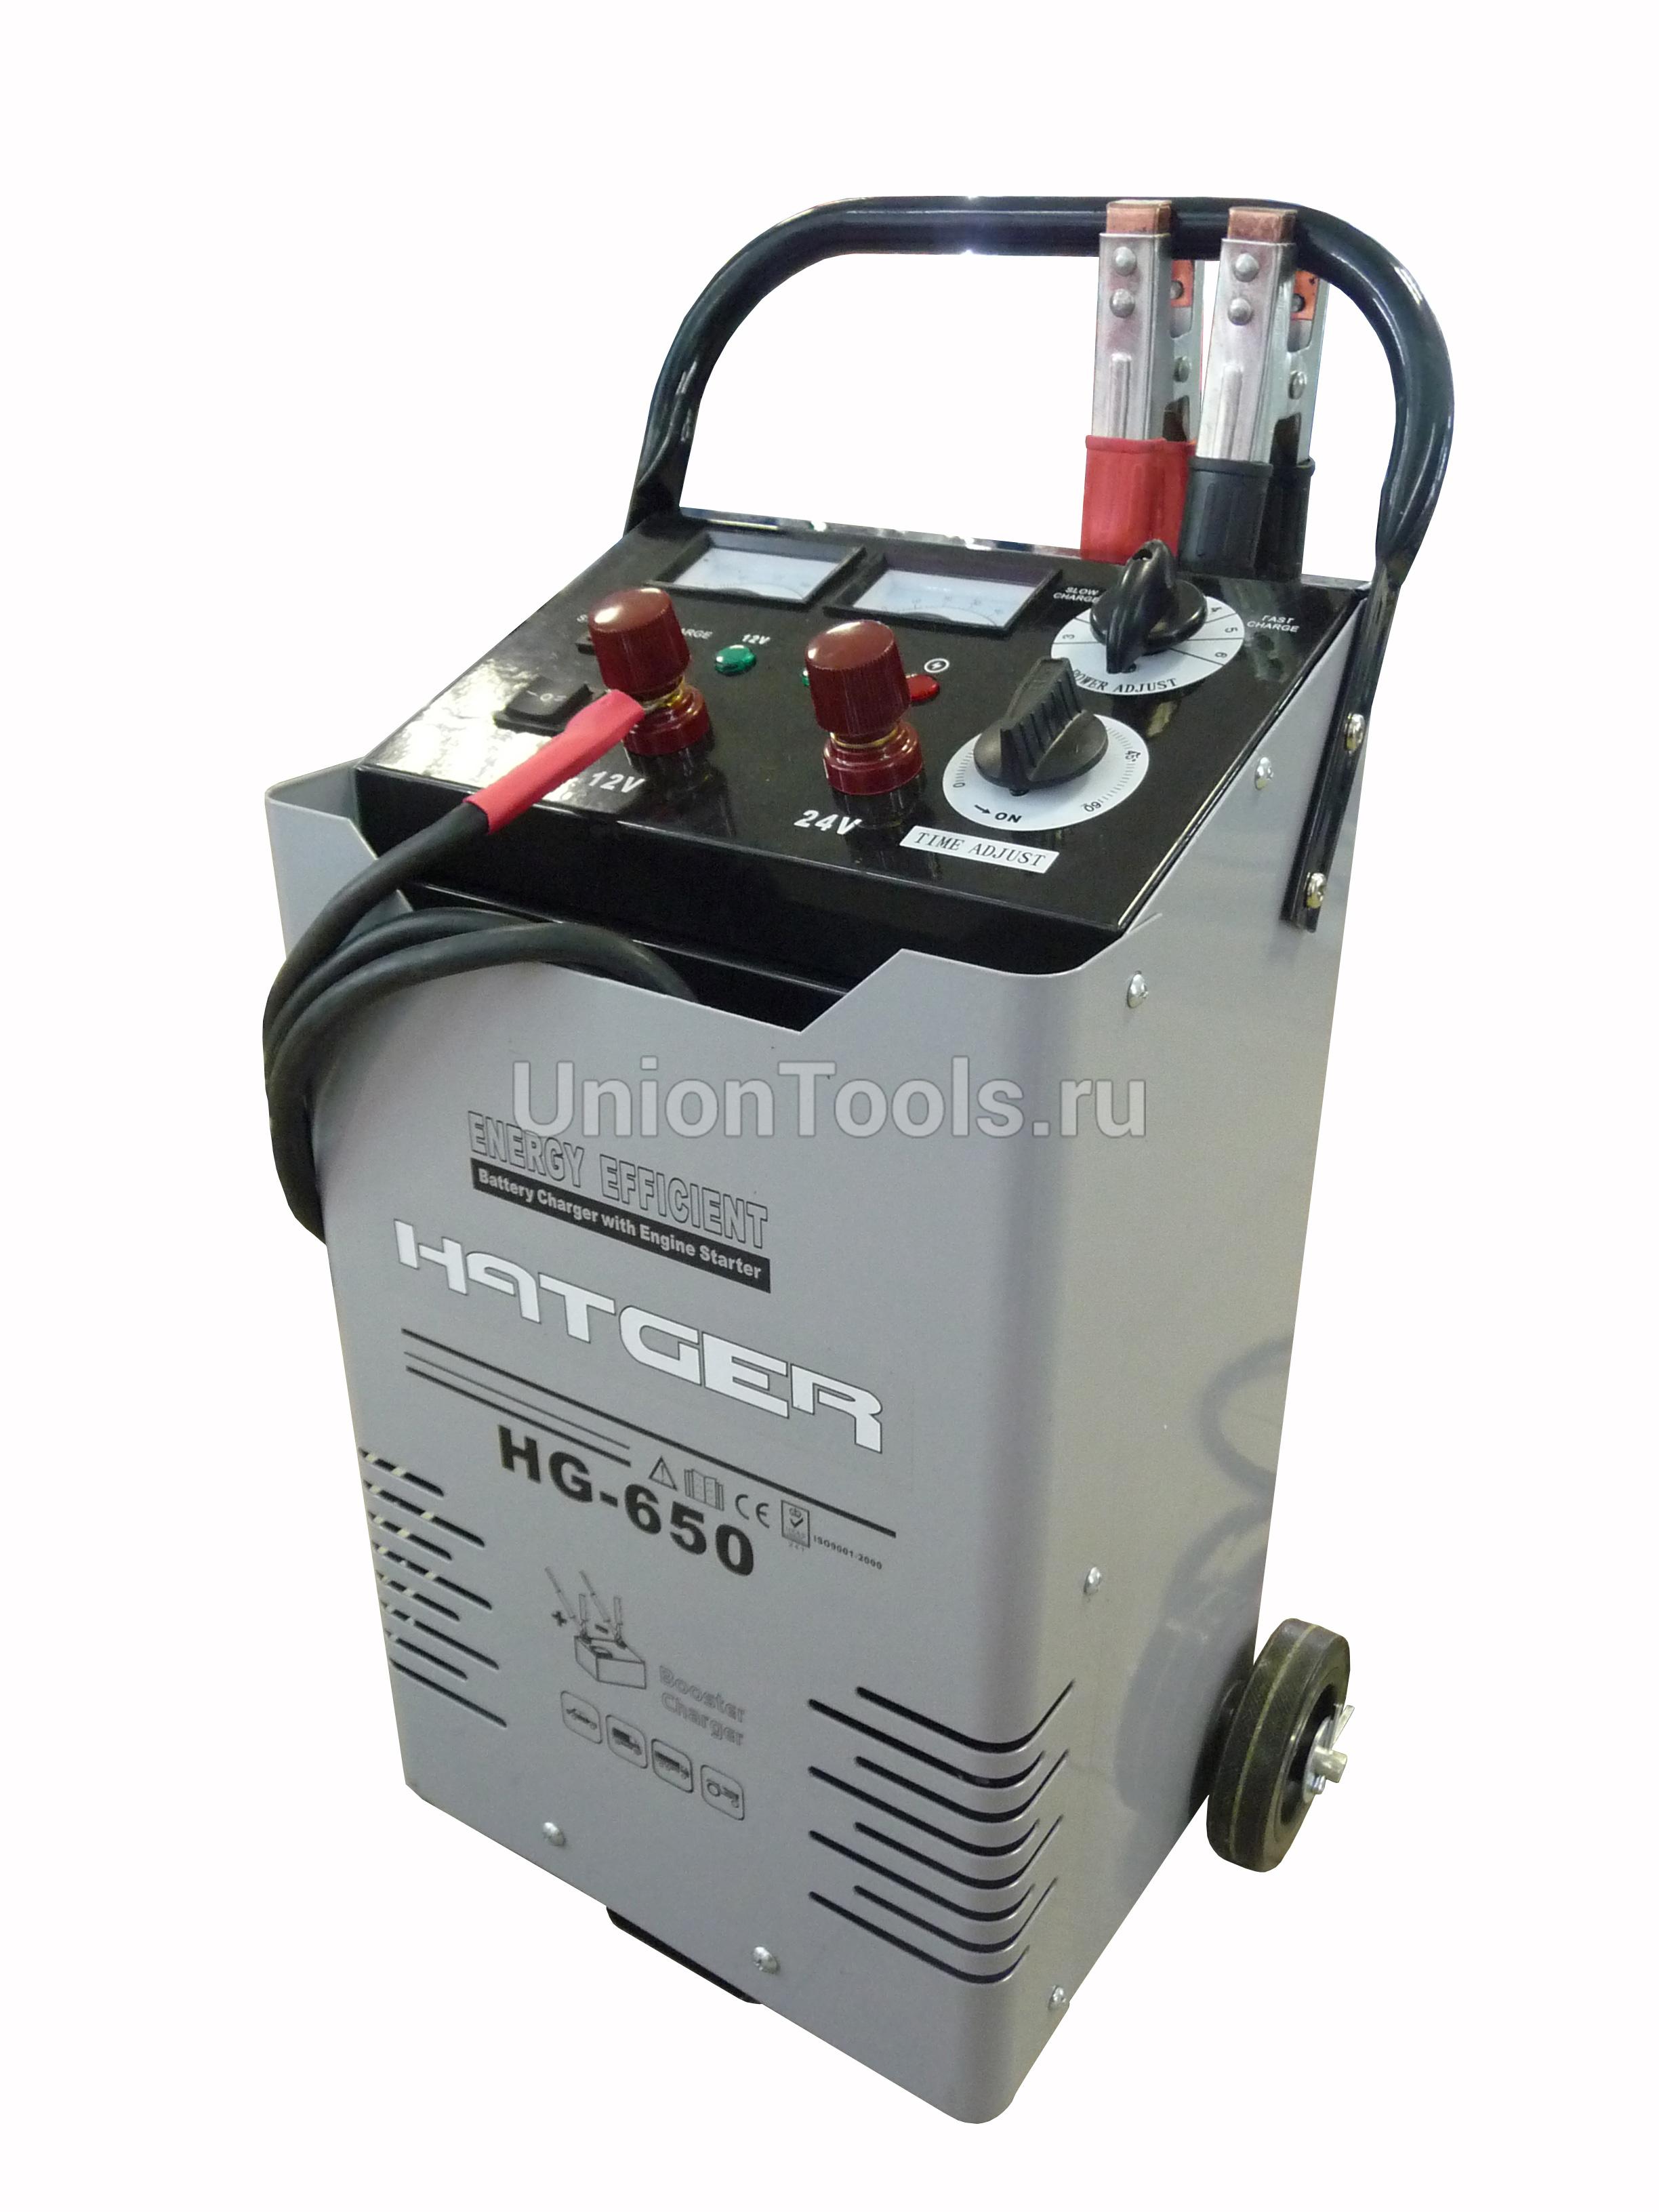 Пуско-зарядное устройство HG-650